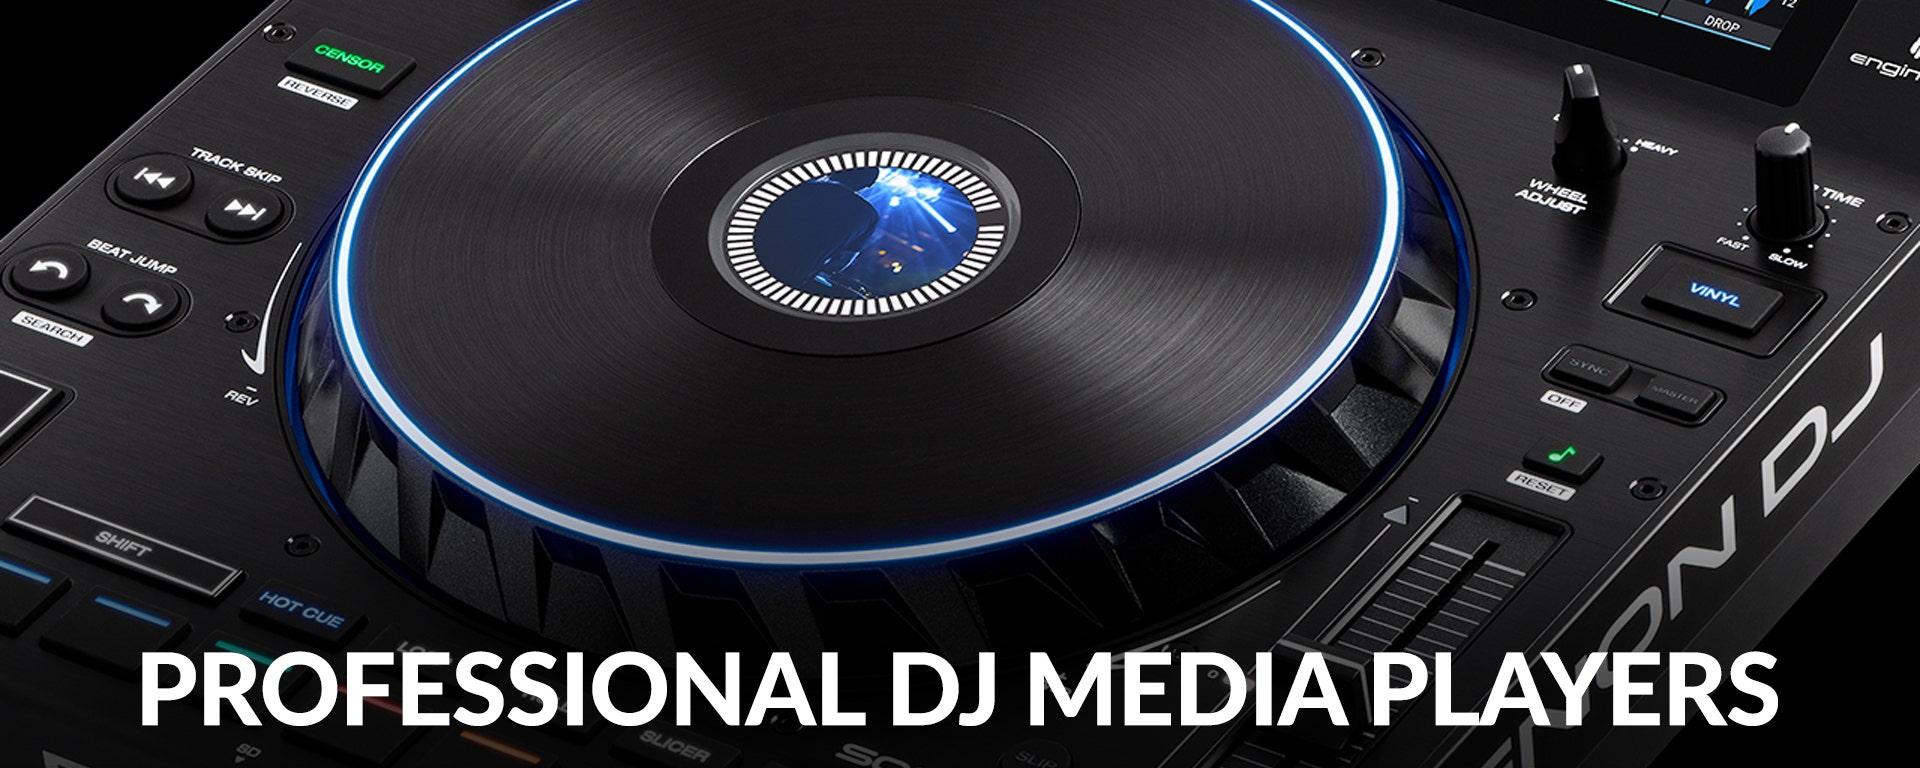 Shop DJ Media Players At SamAsh.com